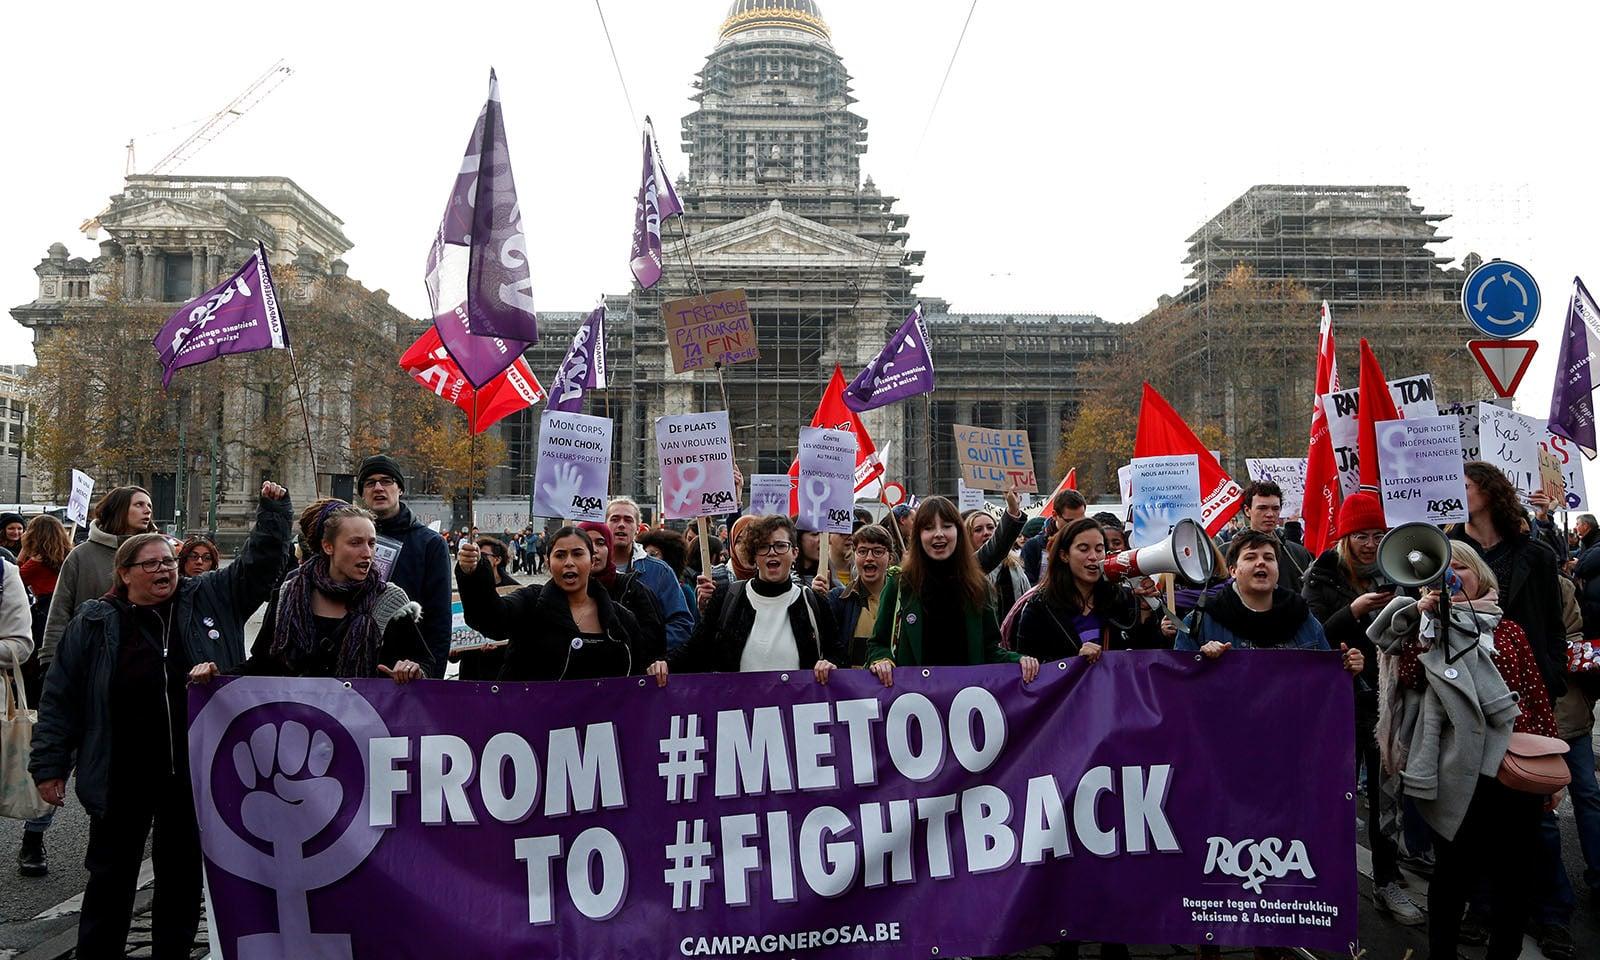 بیلجیئم کے مظاہرے میں ایک بینر پر لکھا تھا کے می ٹو کے بعد اب لڑنے کا وقت ہے — فوٹو: رائٹرز